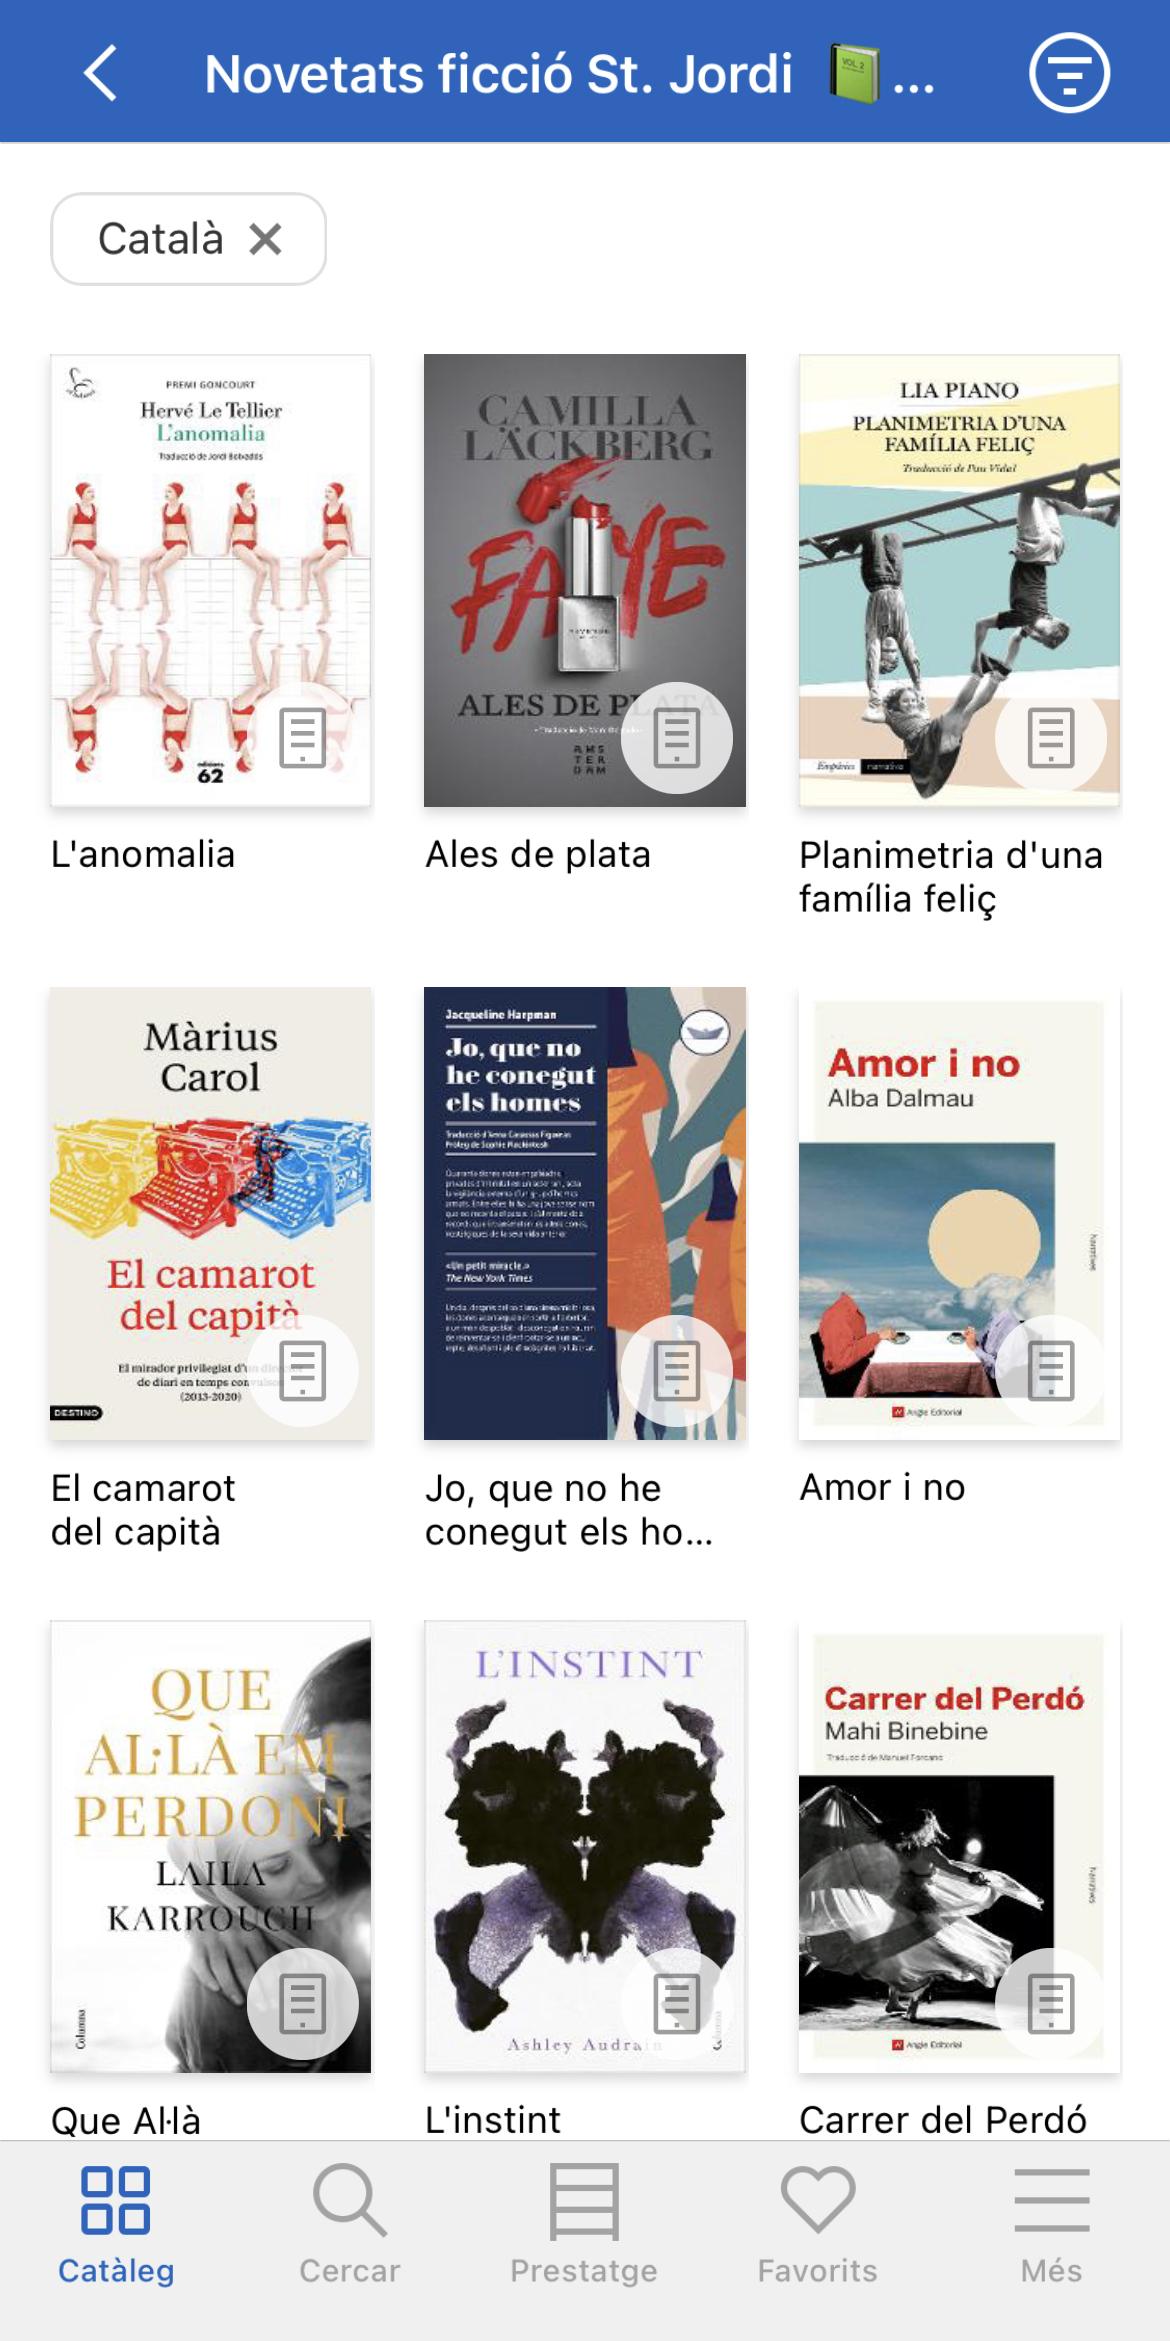 Les recomanacions de Sant Jordi